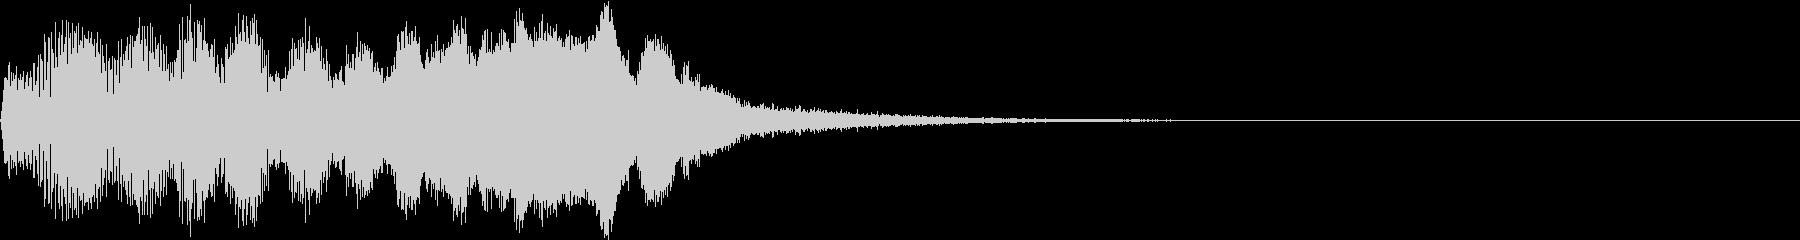 SE ポワーン クイズ出題前 上昇音 3の未再生の波形